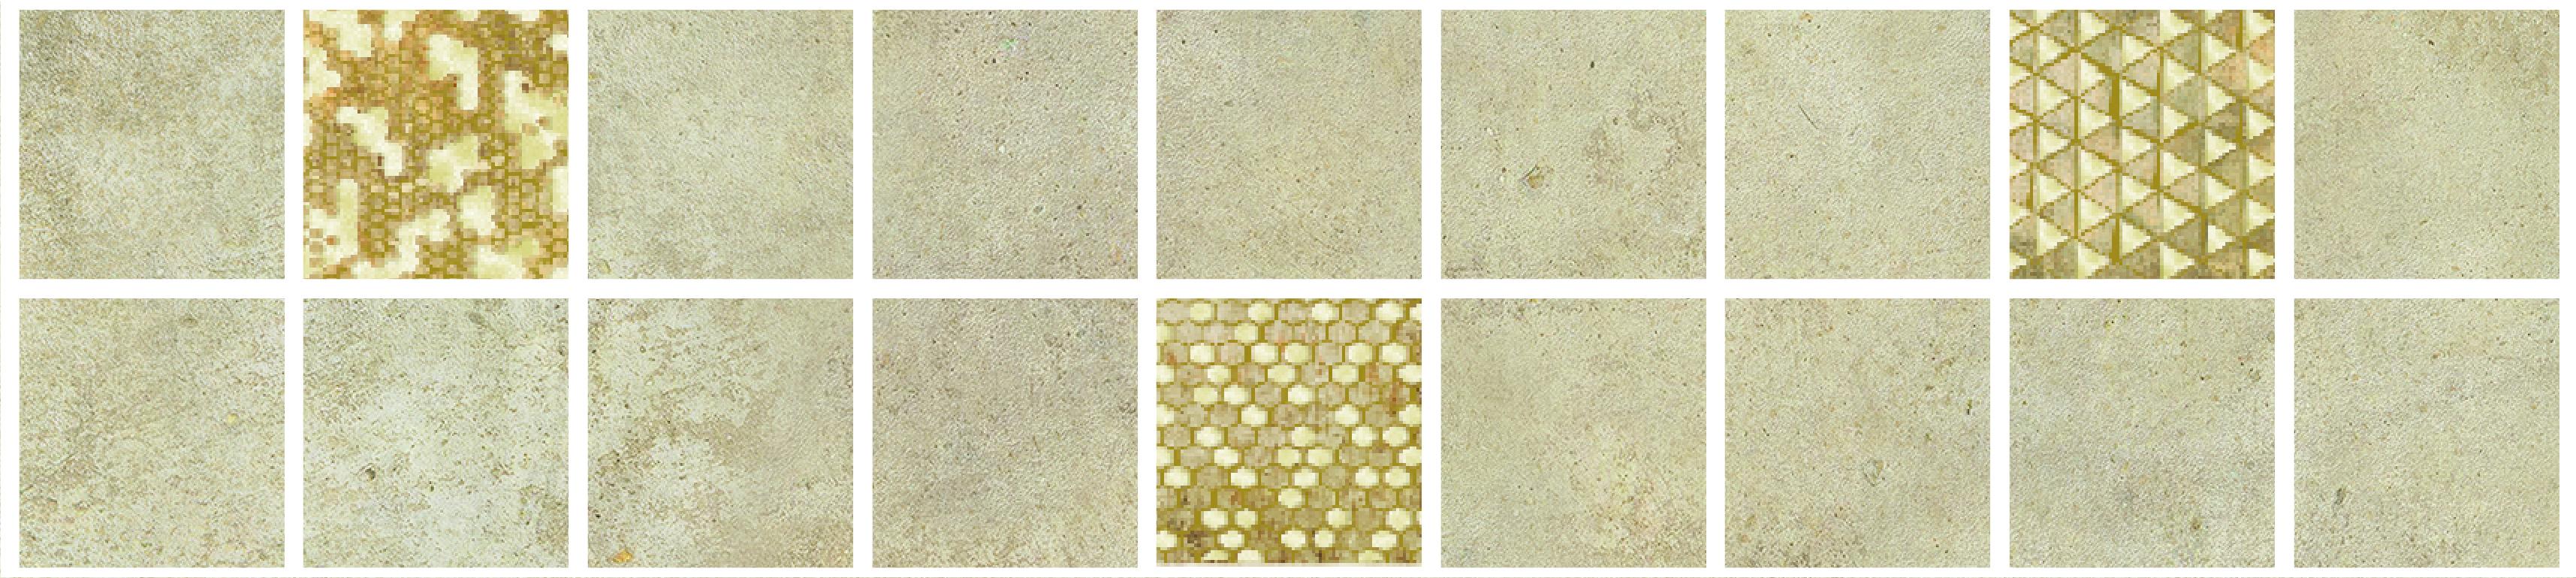 Kora mosaic